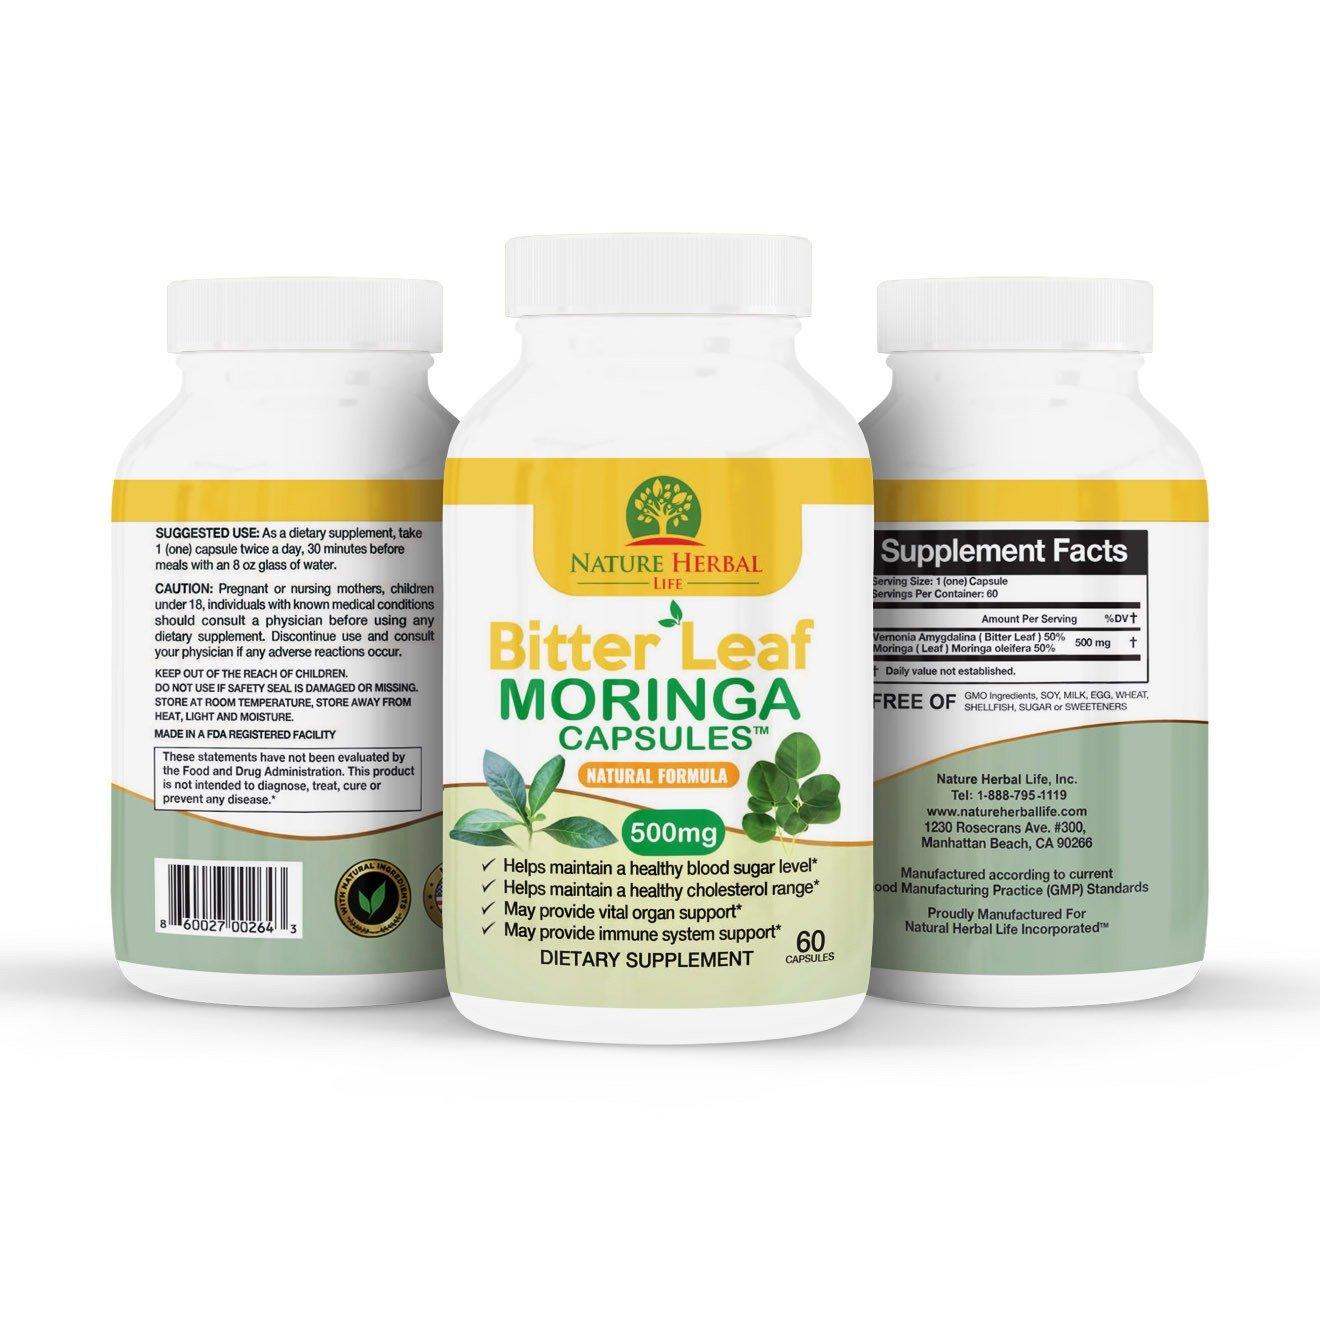 Bitter Leaf Moringa Capsule | Cápsulas de Moringa de Hoja Amarga